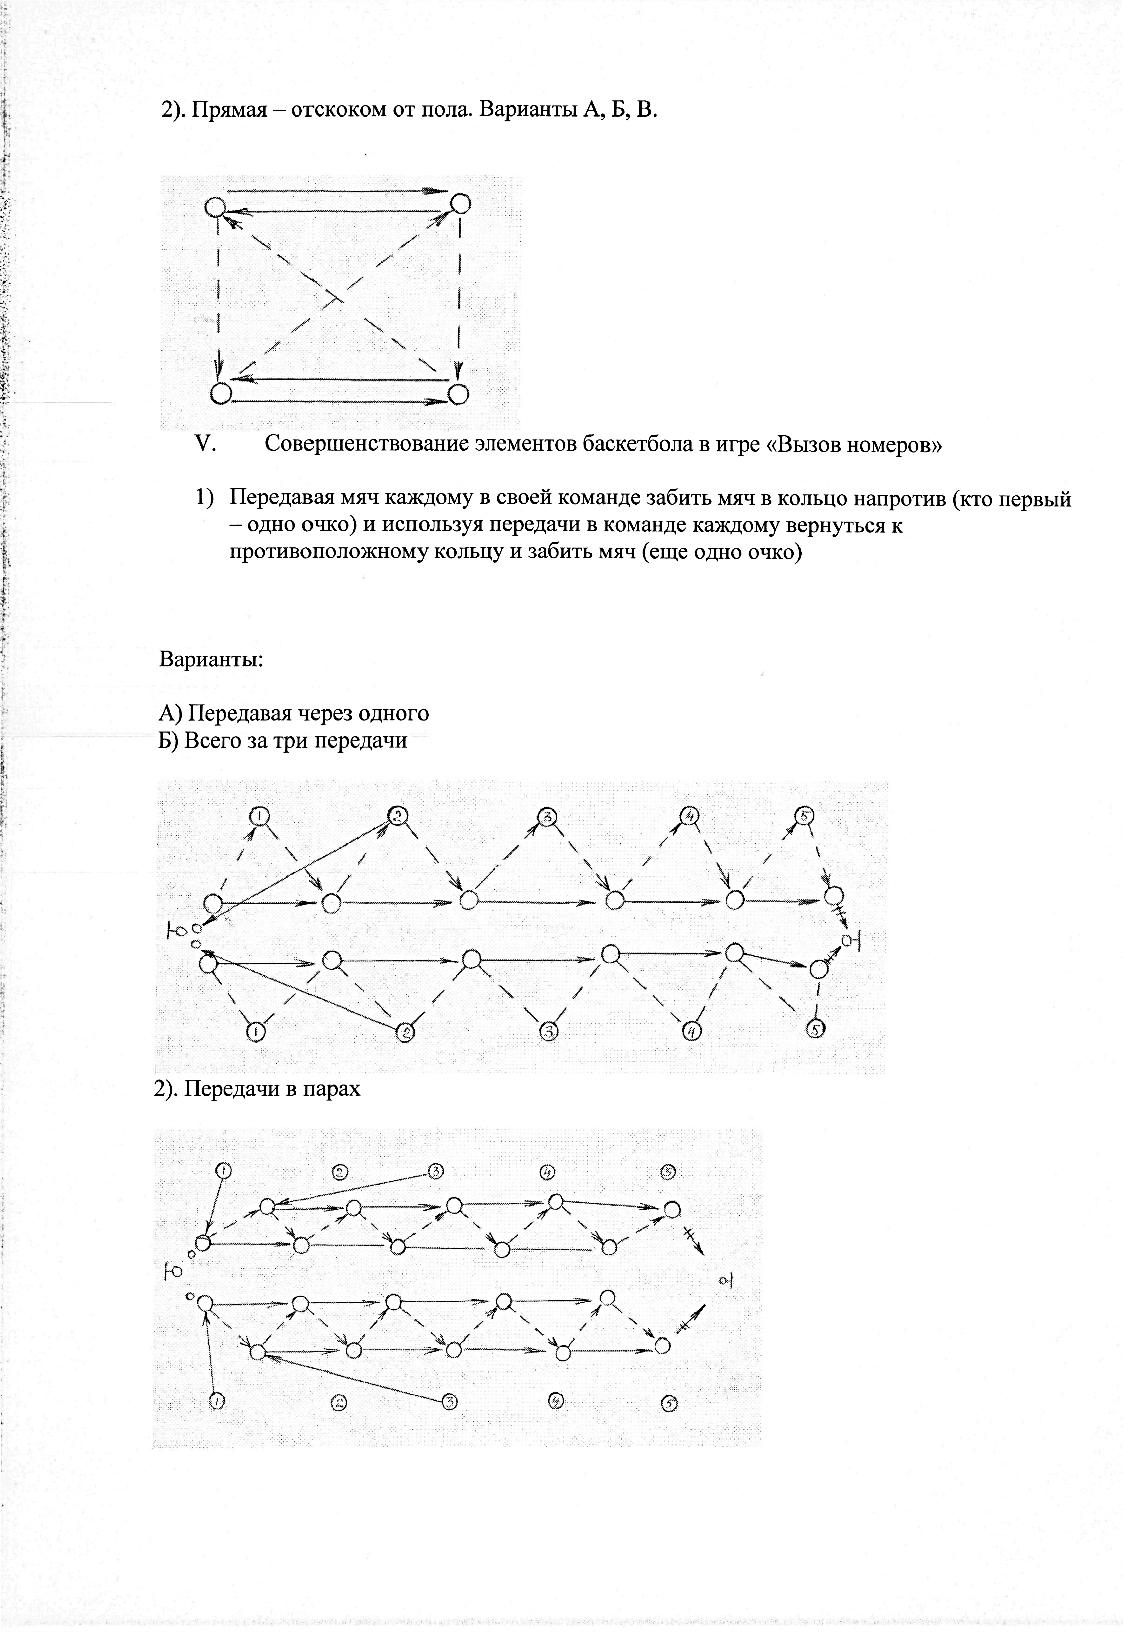 D:\Мои документы\Школа\Портфолио учителей\Новая папка\Сканер\мастер0031.jpg